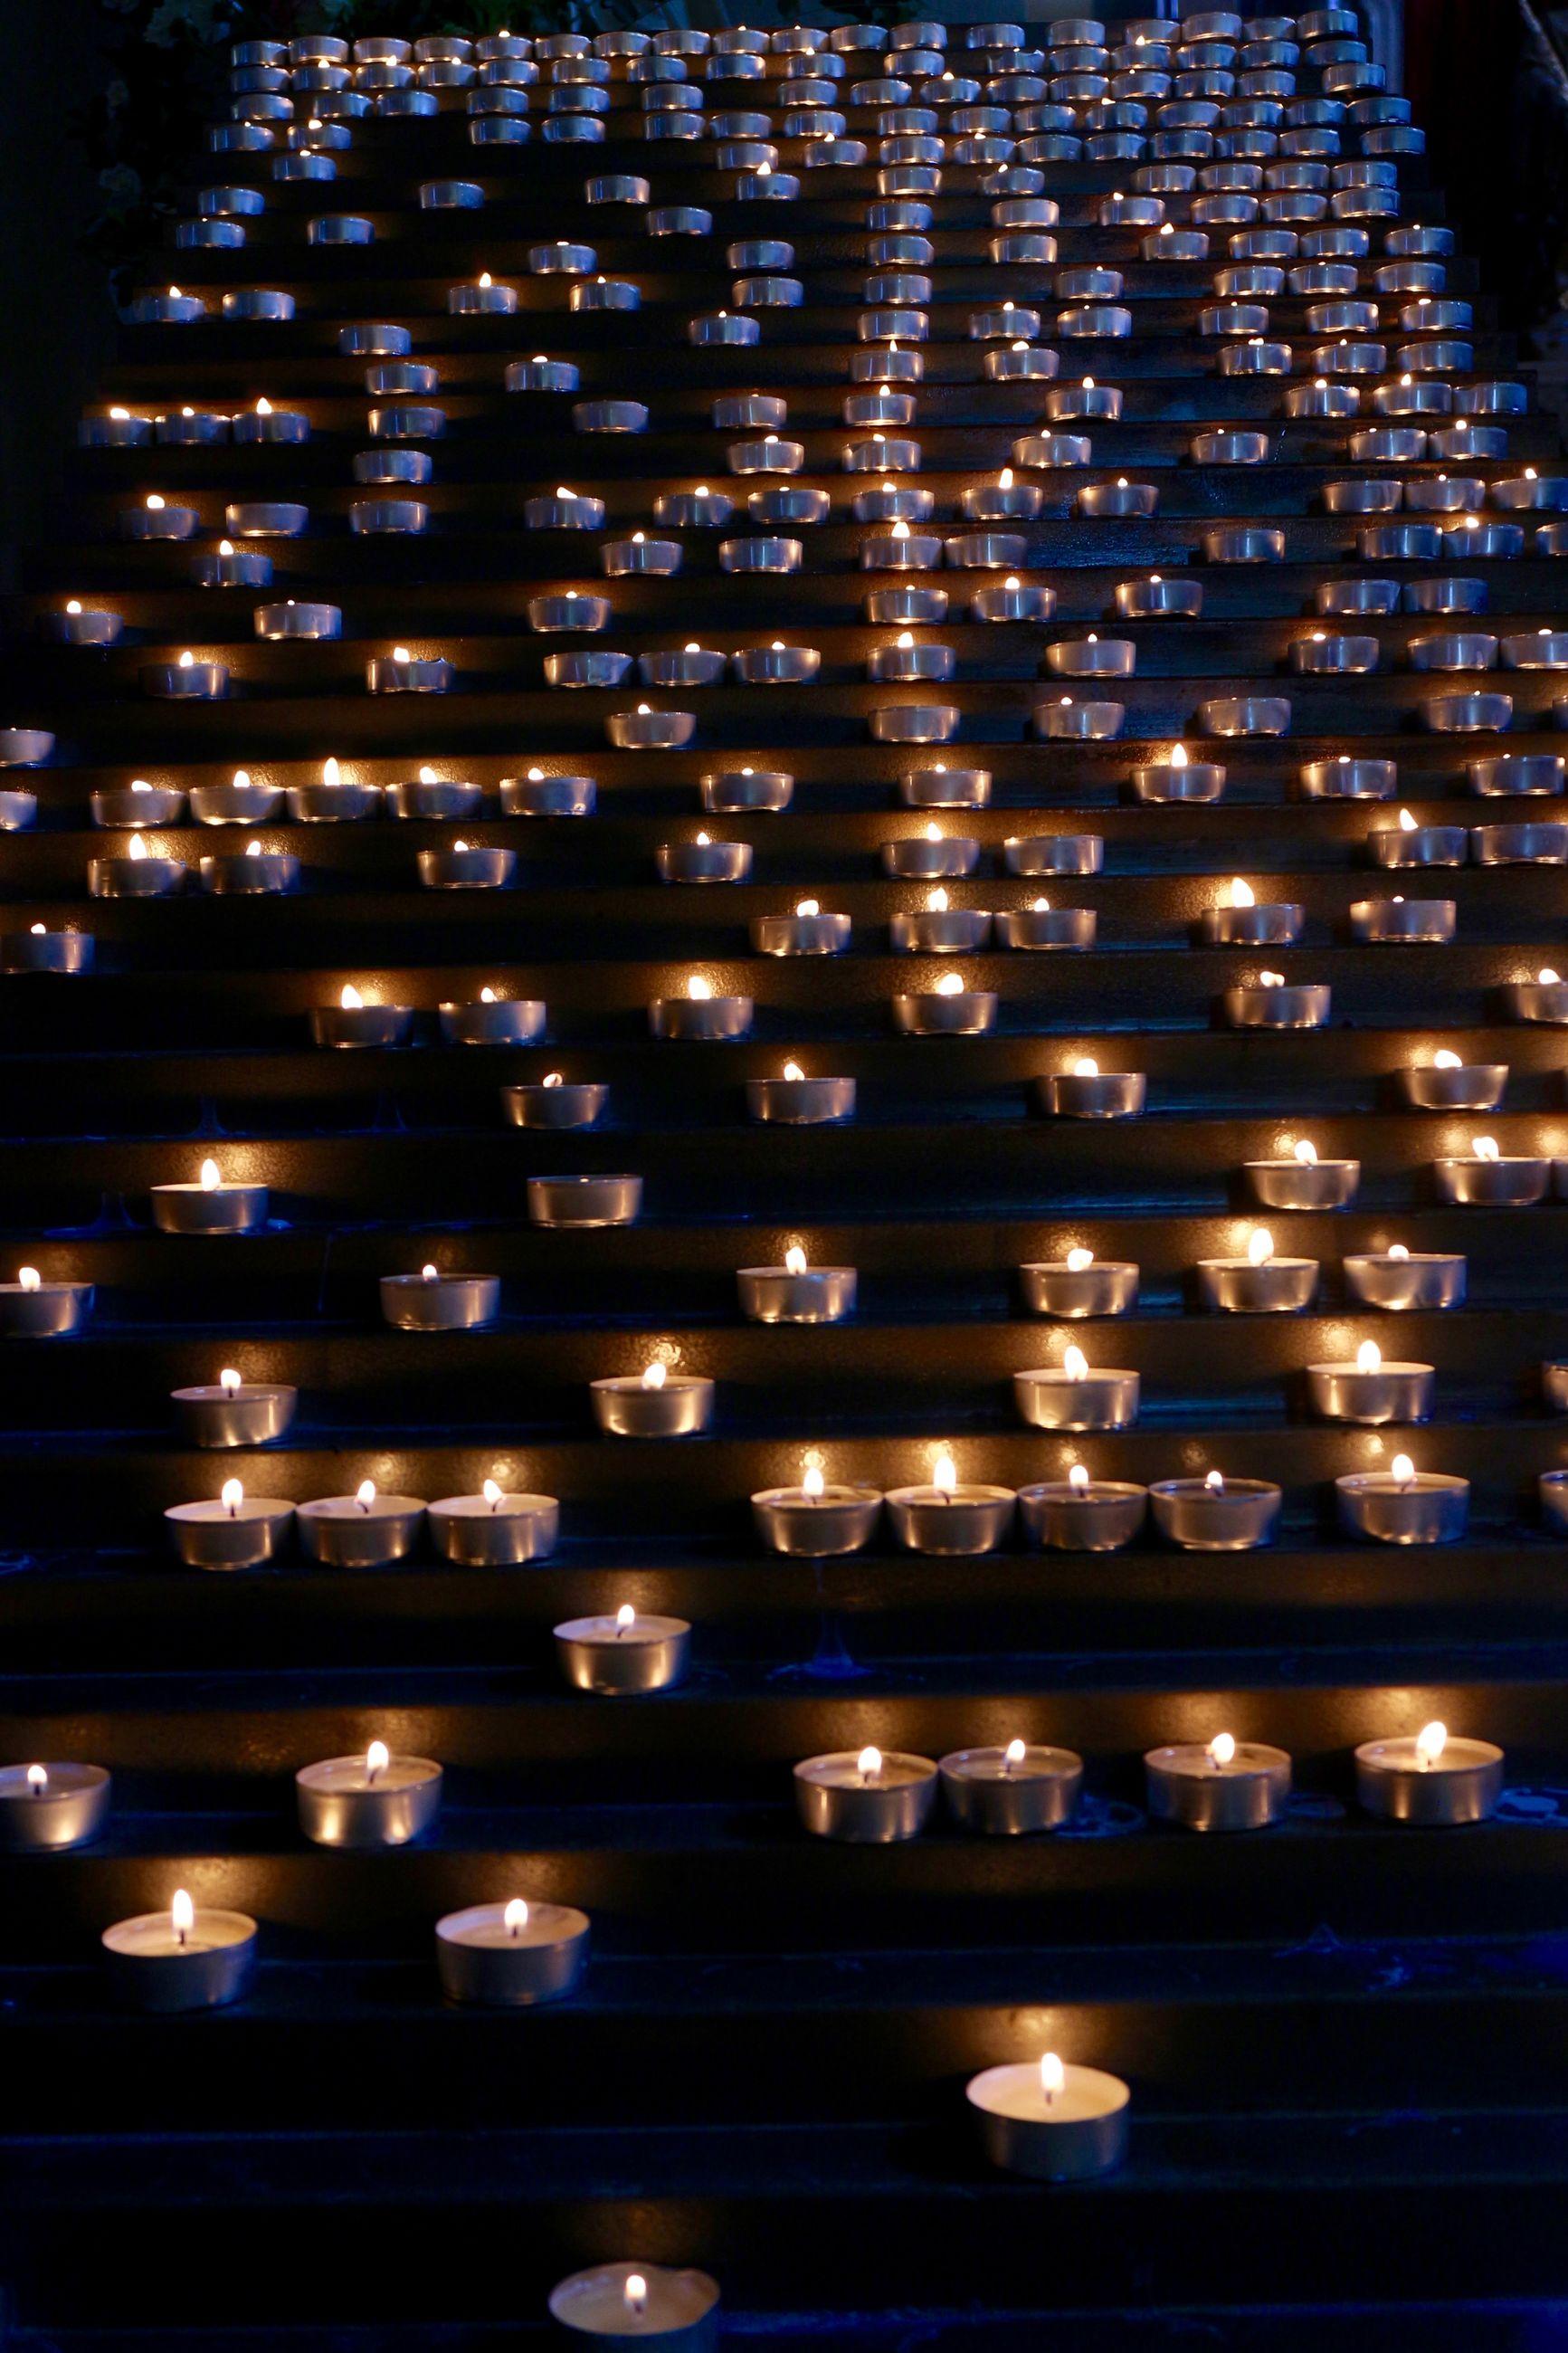 Close-up of lit tea light candles